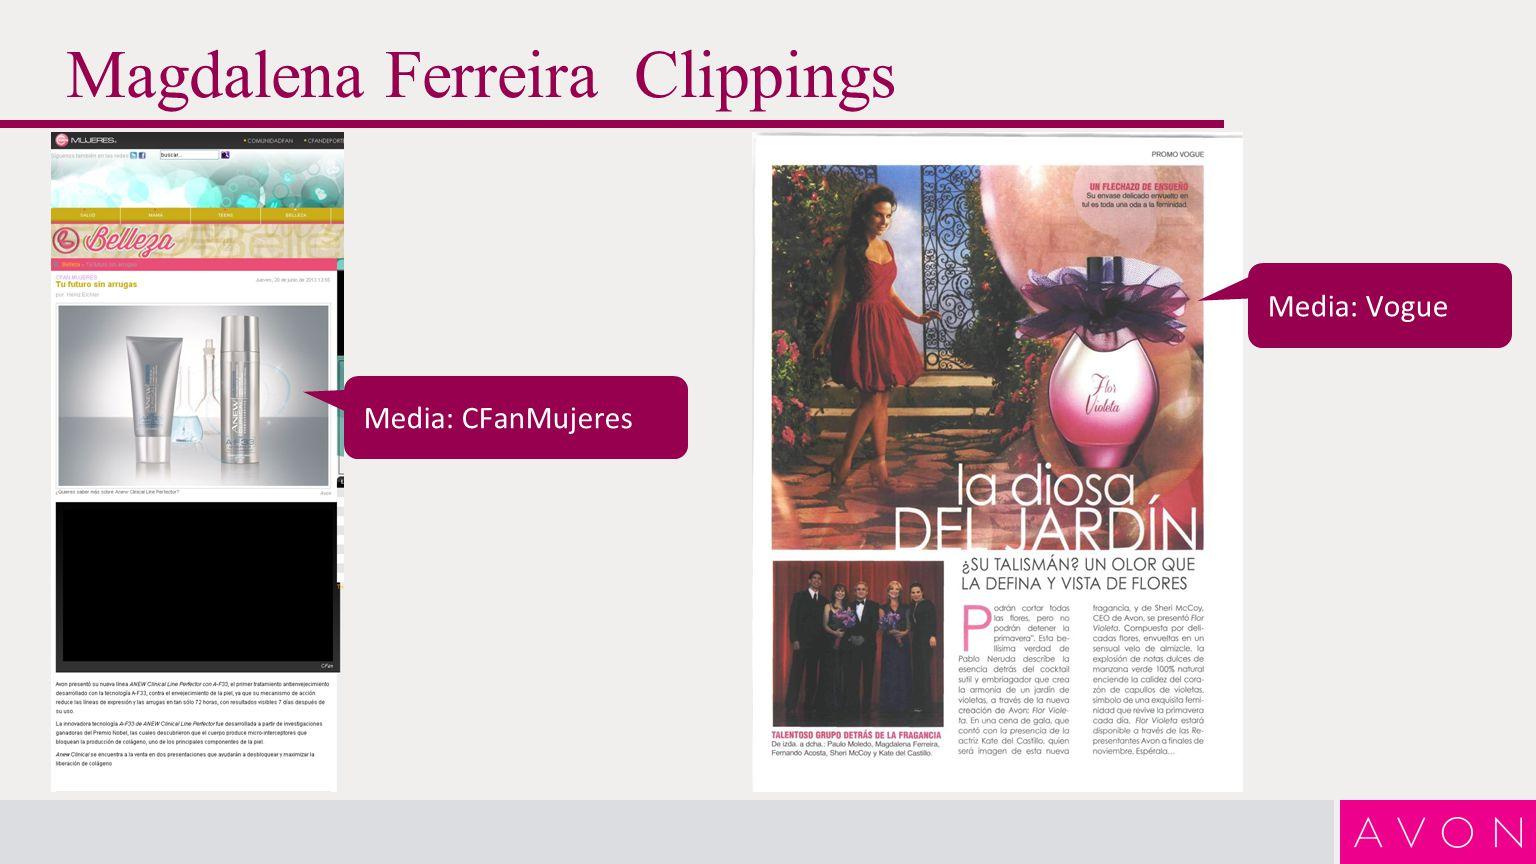 Magdalena Ferreira Clippings Media: El Diario de Candy Media: Reforma